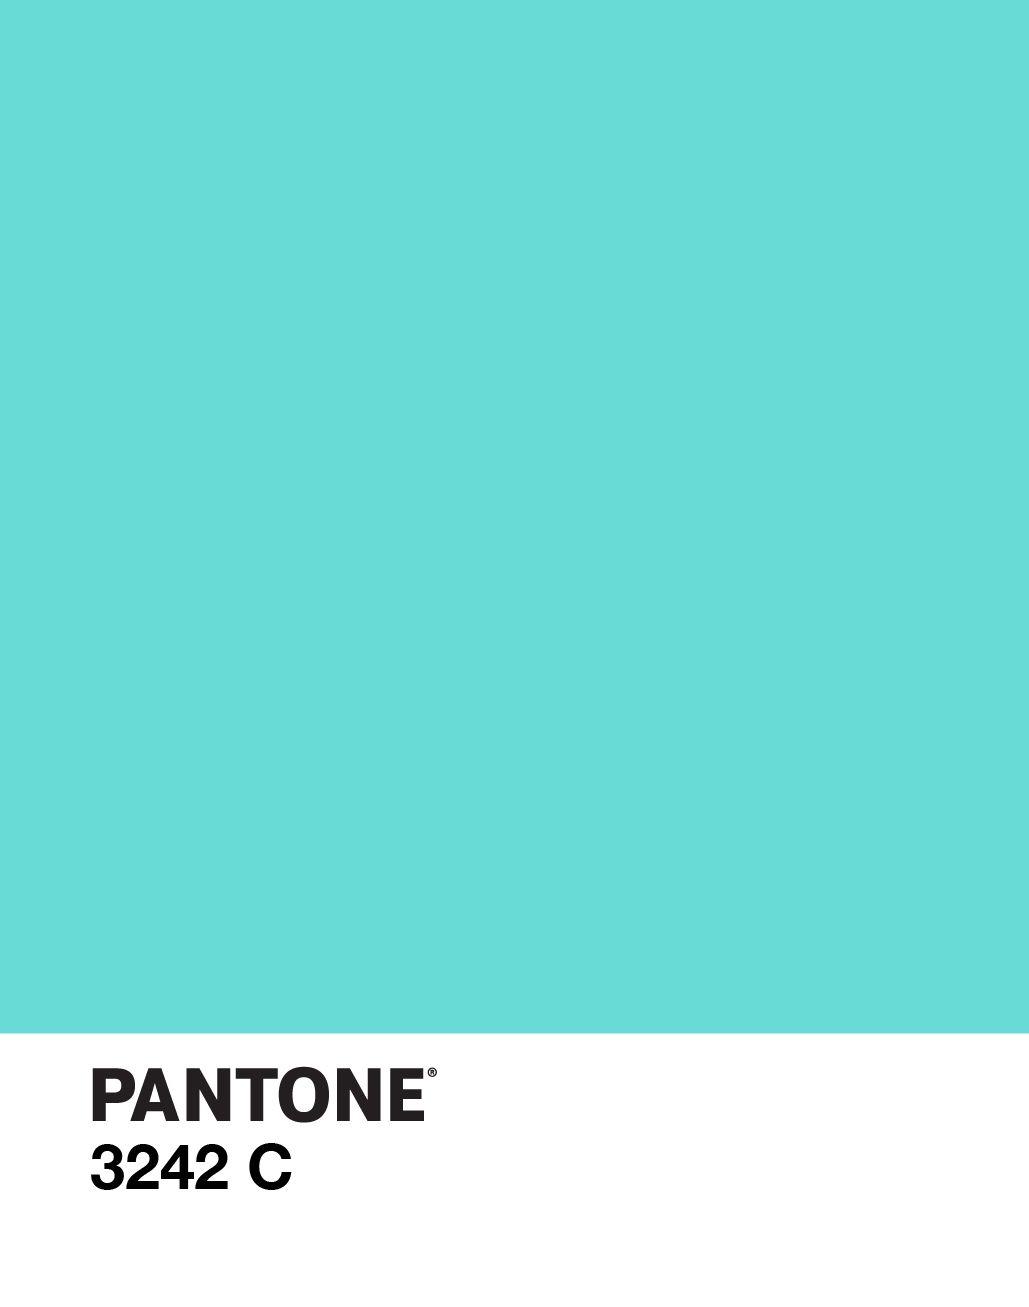 pantone 3242 c color design aqua d e s i g n pinterest pantone aqua and mood boards. Black Bedroom Furniture Sets. Home Design Ideas